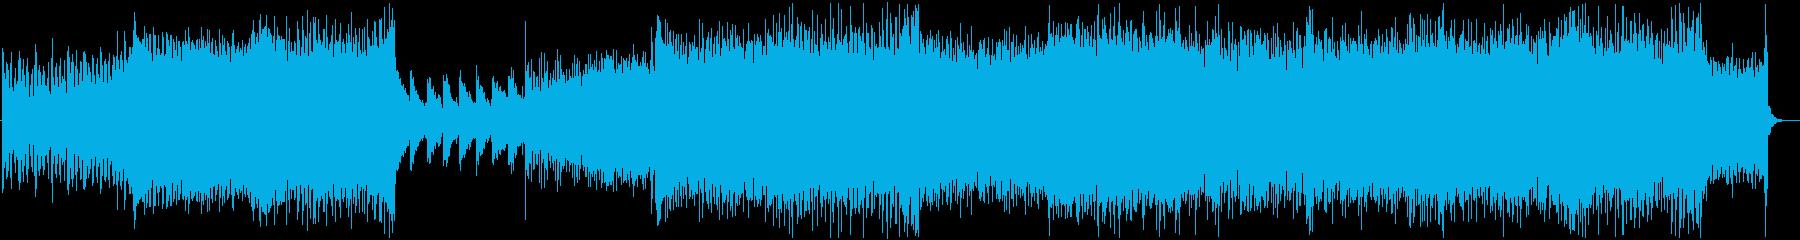 ぴこぴこサウンドなEDMの再生済みの波形